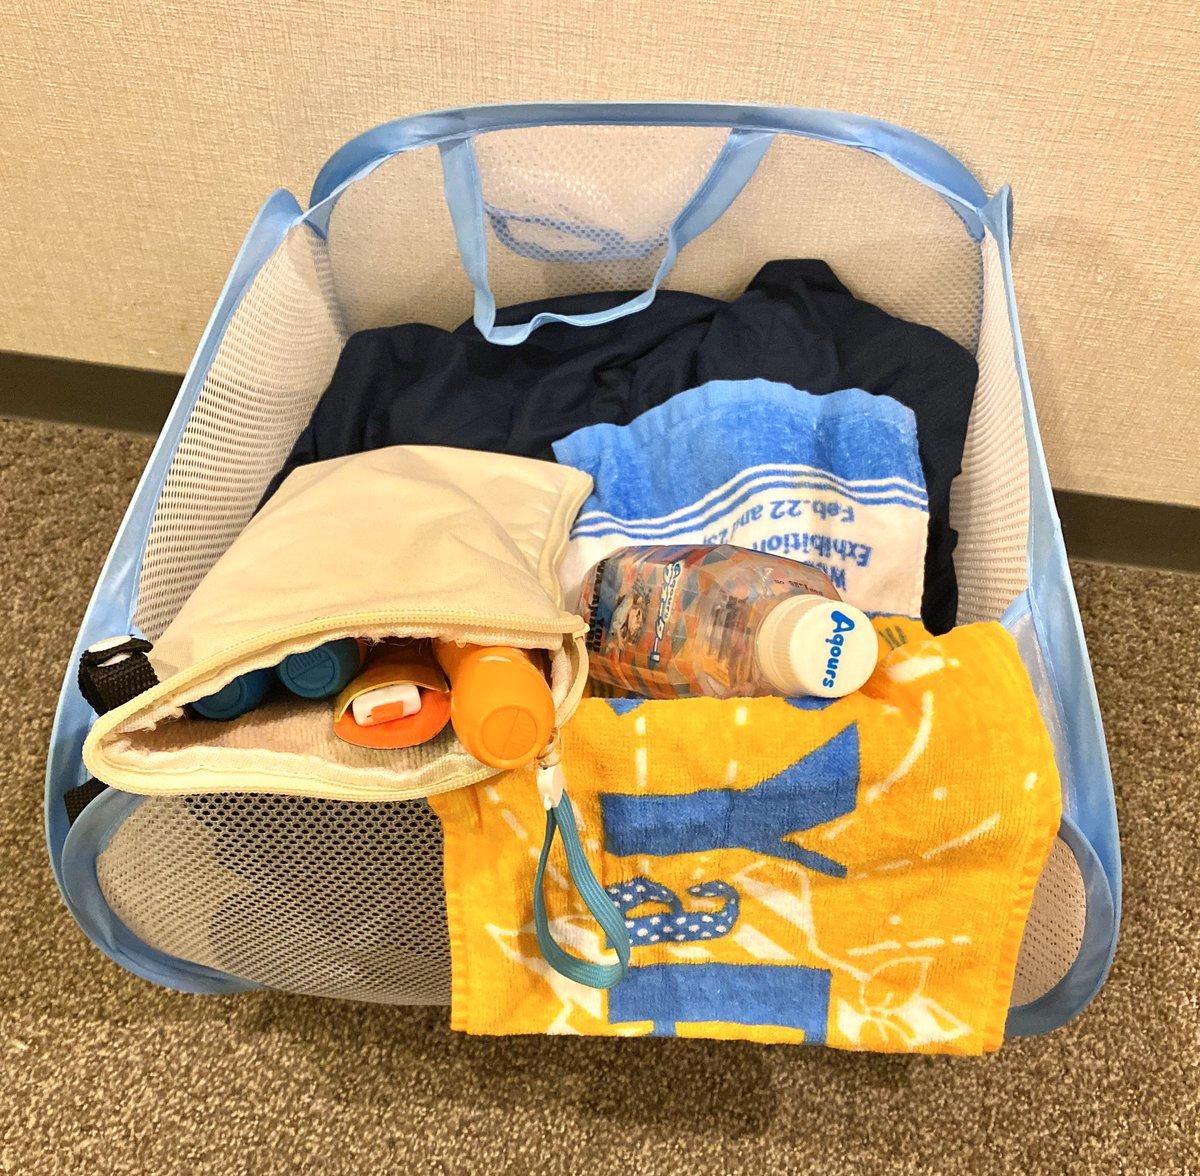 Twitterで「100均のランドリーバッグをライブ中の荷物入れに使うと最高」ってツイートを見たので今回試してみたんですけどマジ最高でしたね…椅子の下に入れれば上着は汚れないで済む、すぐ取り出せるようにブレードタオル飲物入れておける、折り畳める物もあるので荷物にならない(軽い)…